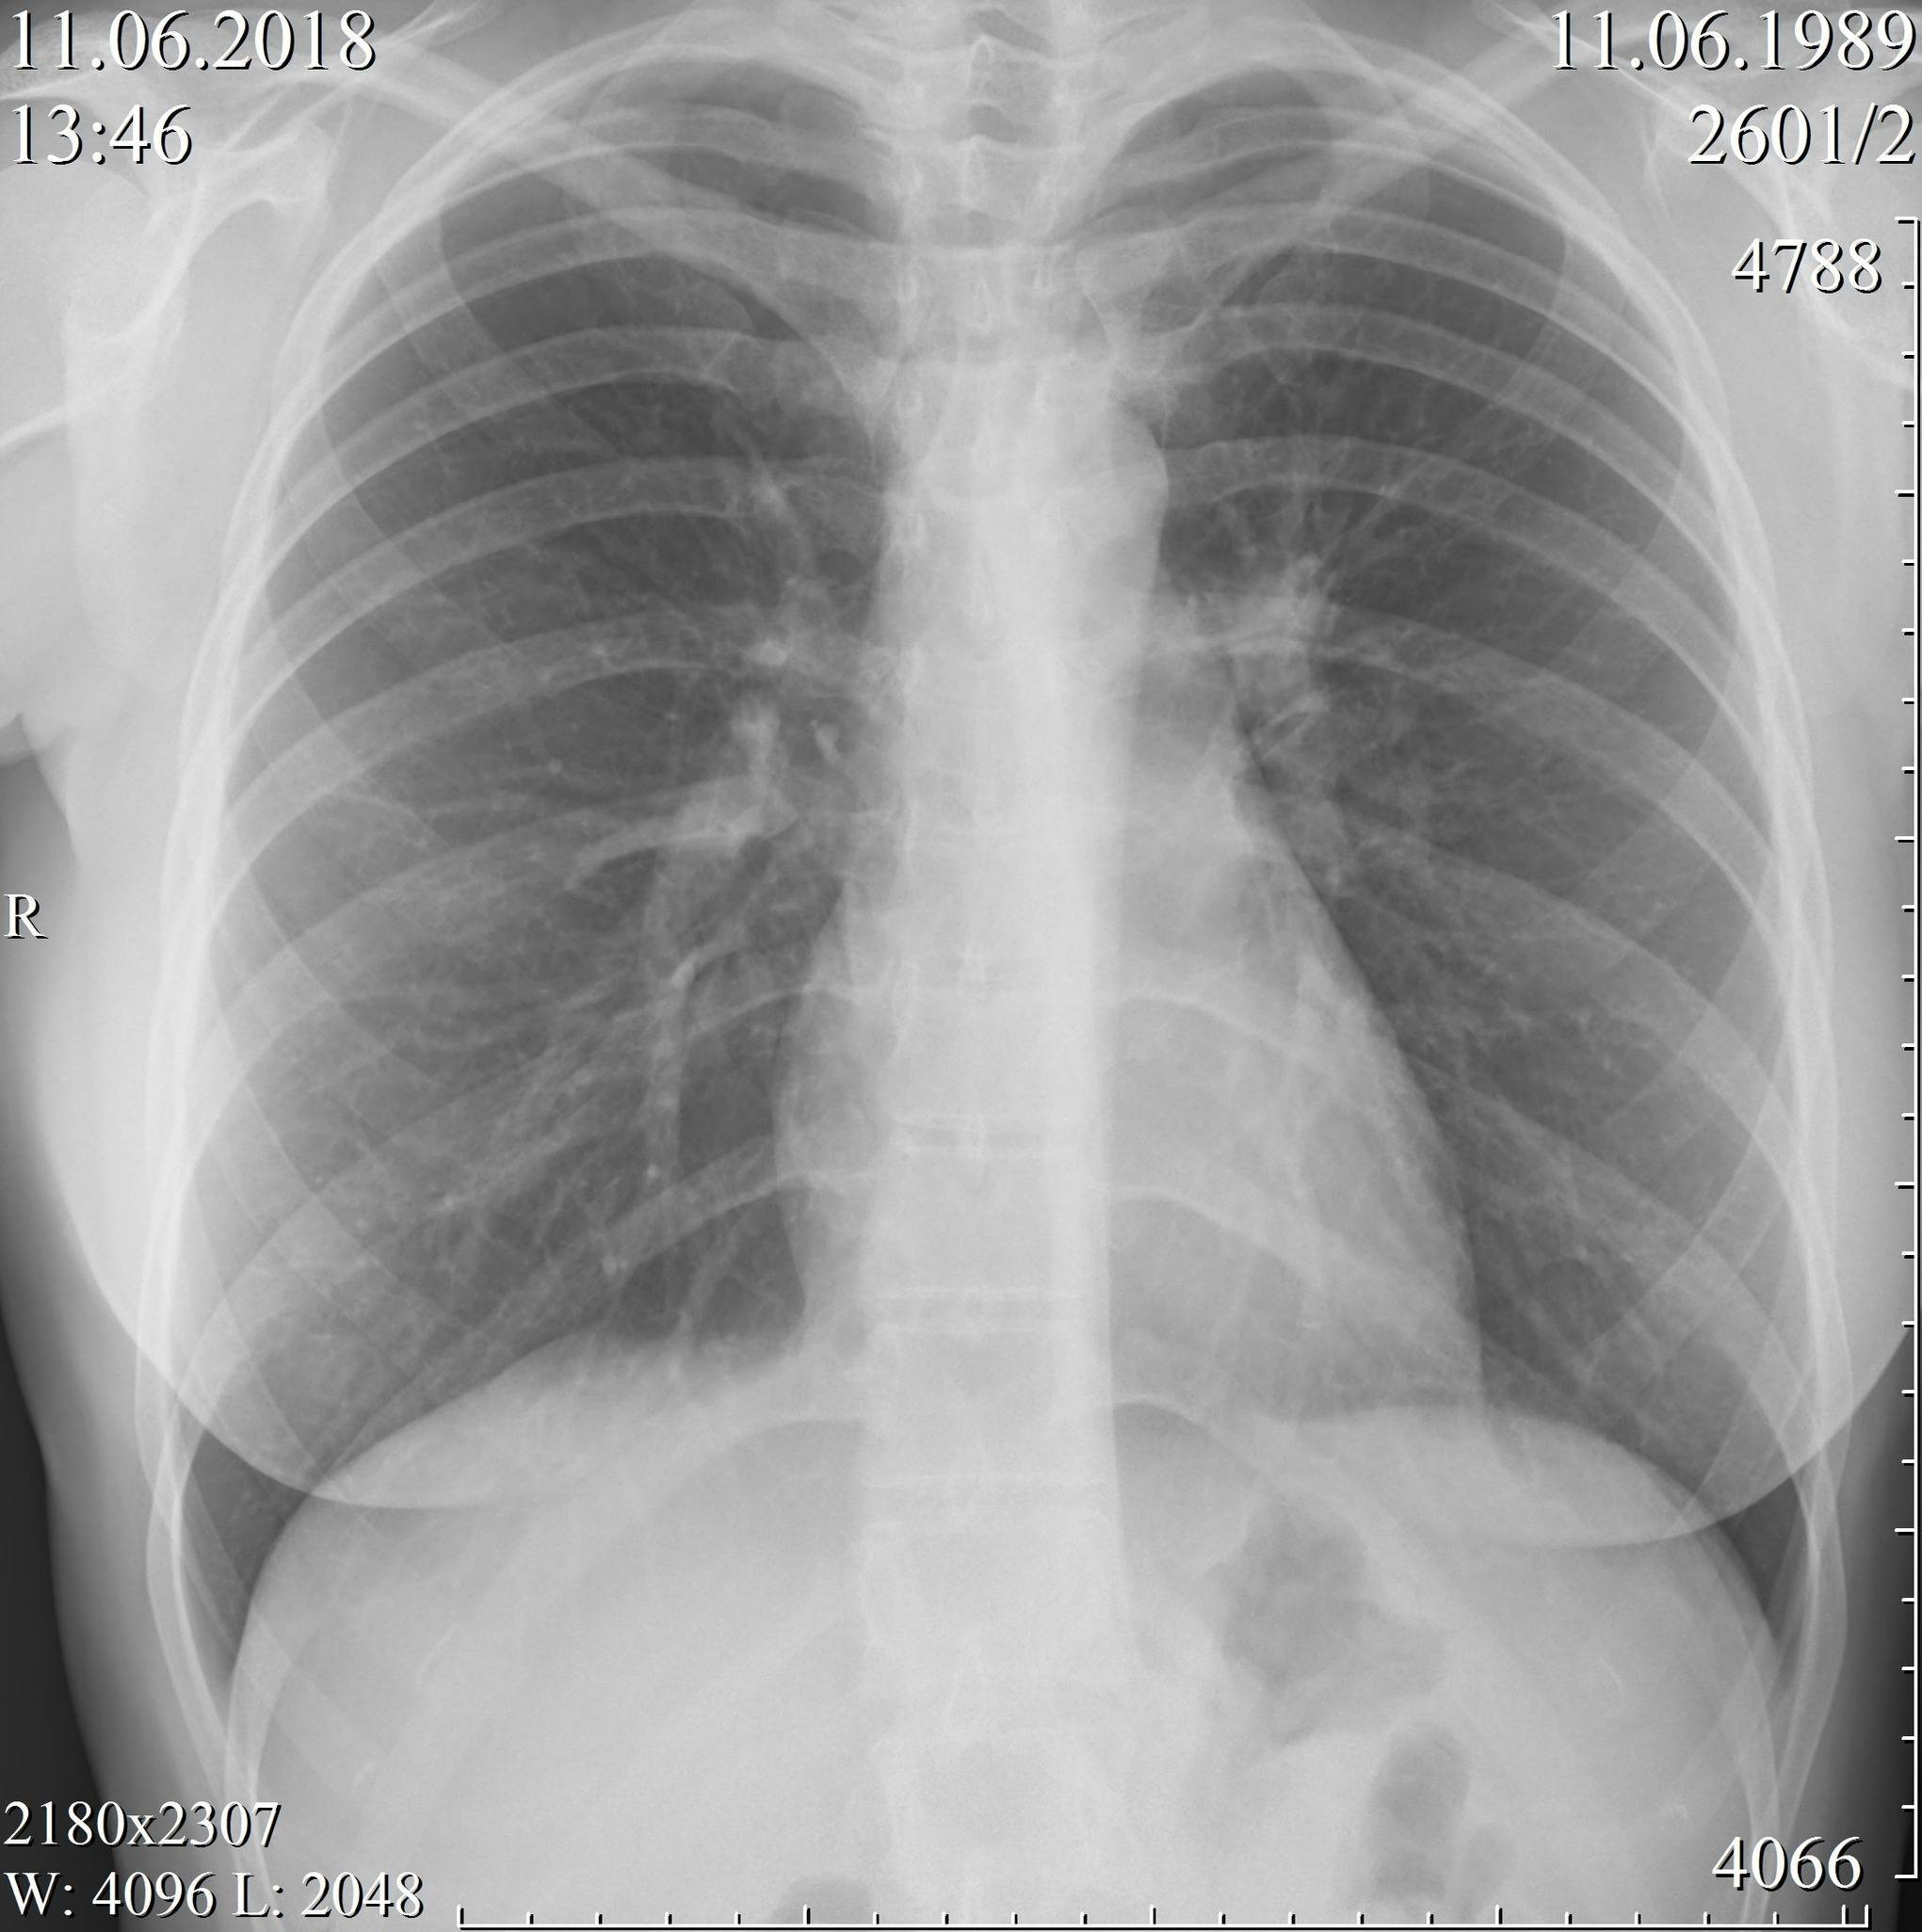 Как отличить туберкулез легких от пневмонии по признакам и результатам обследования?